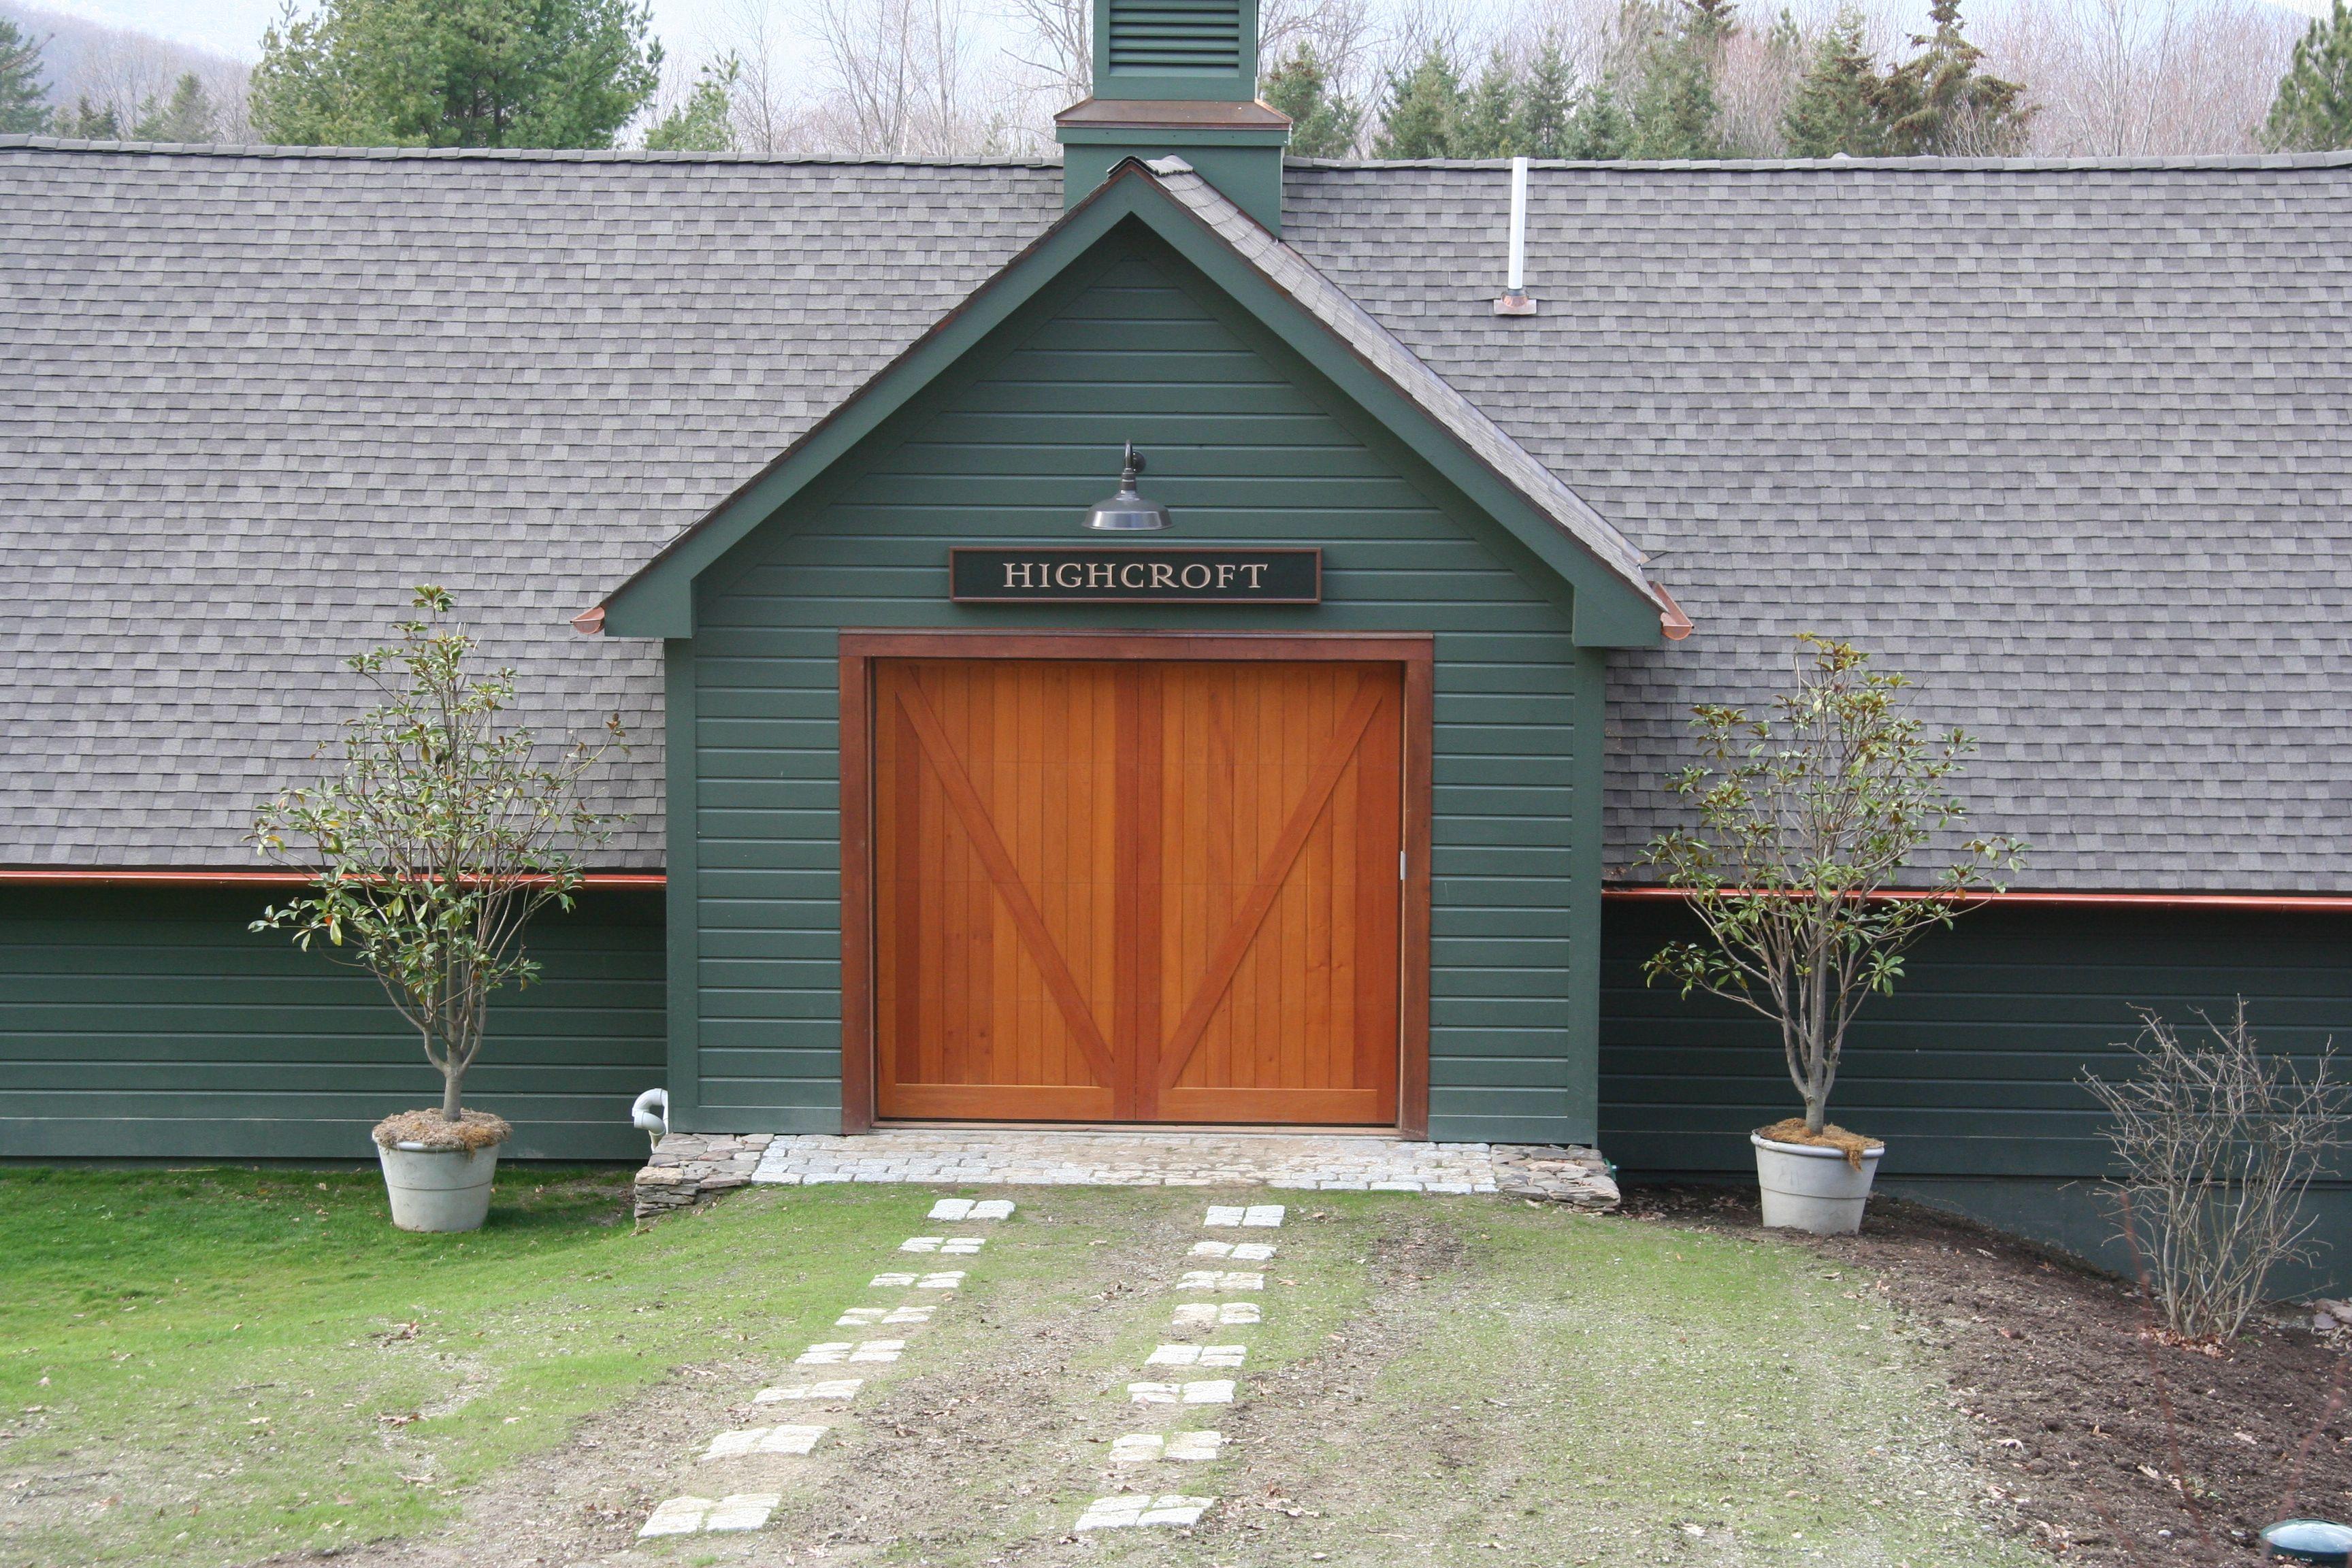 Stain Grade Overhead Doors (Artisan Custom Doorworks) By Dutchess Overhead  Doors, INC.